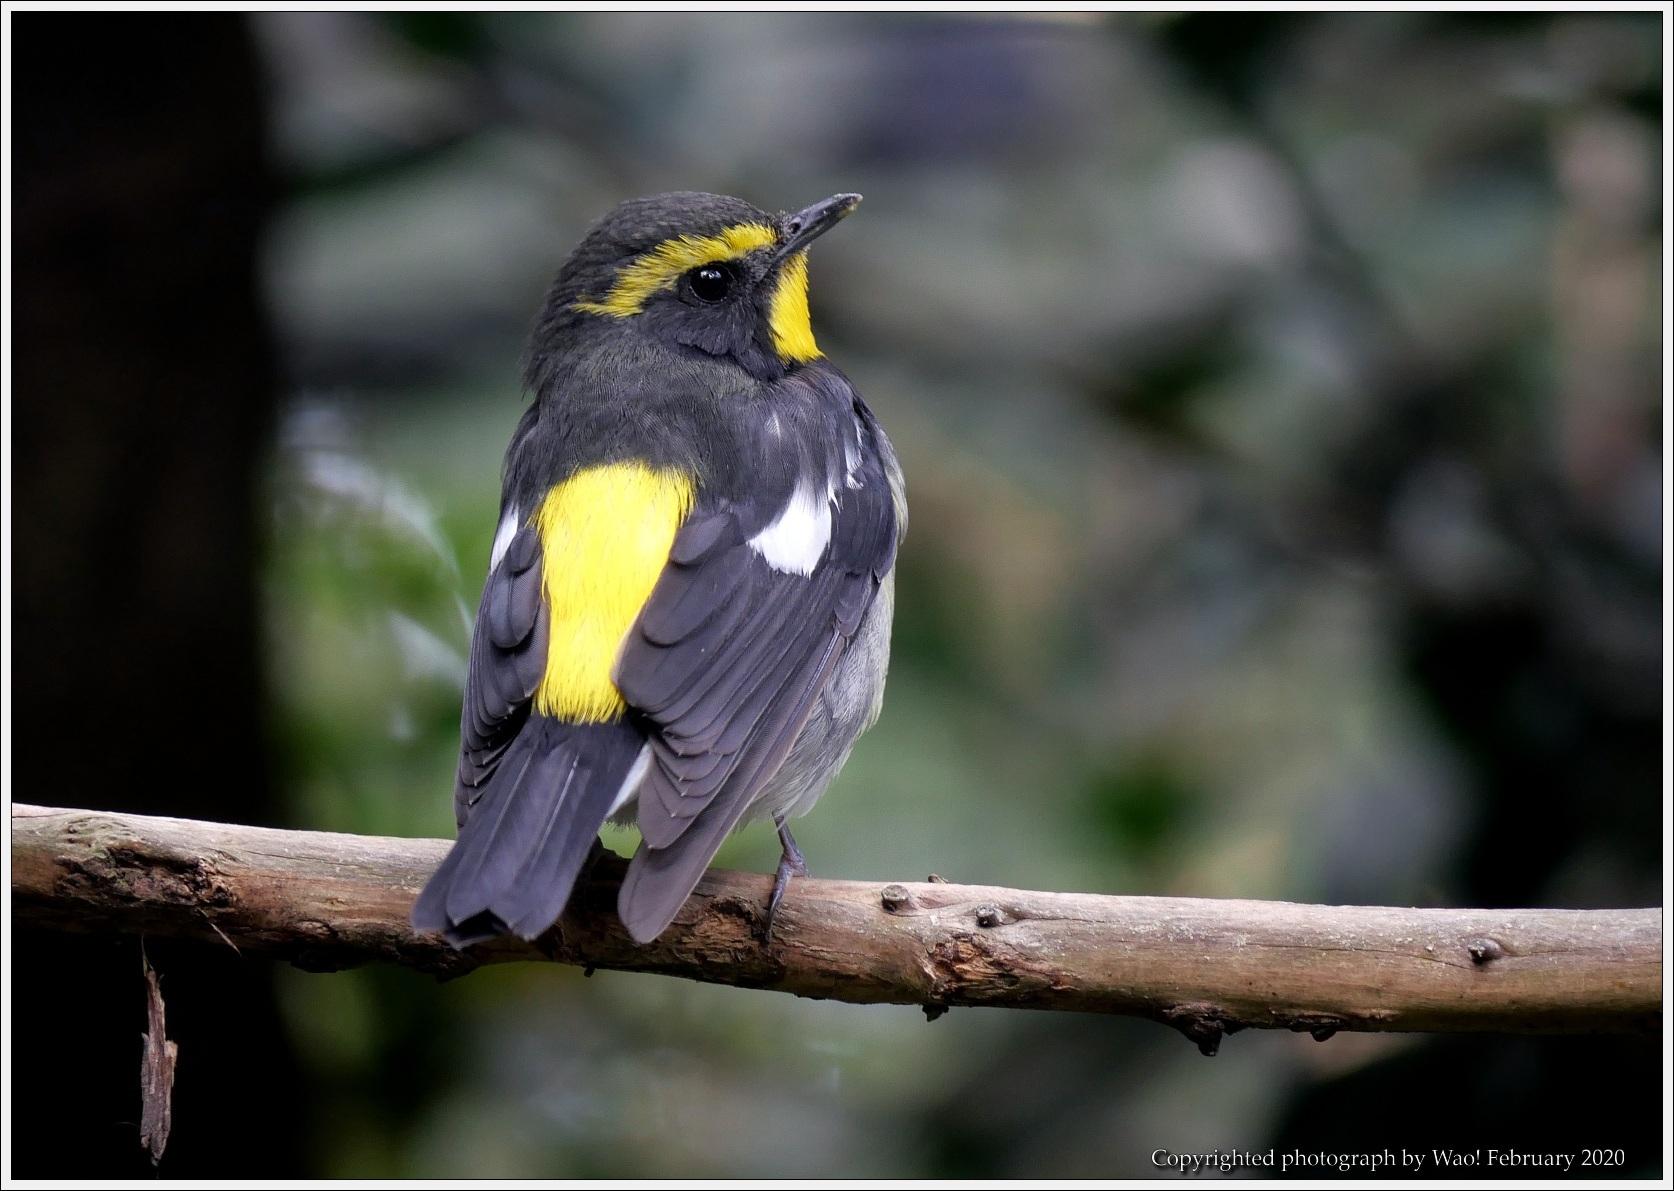 野鳥園のルリ・コマ・キビタキ_c0198669_15522420.jpg